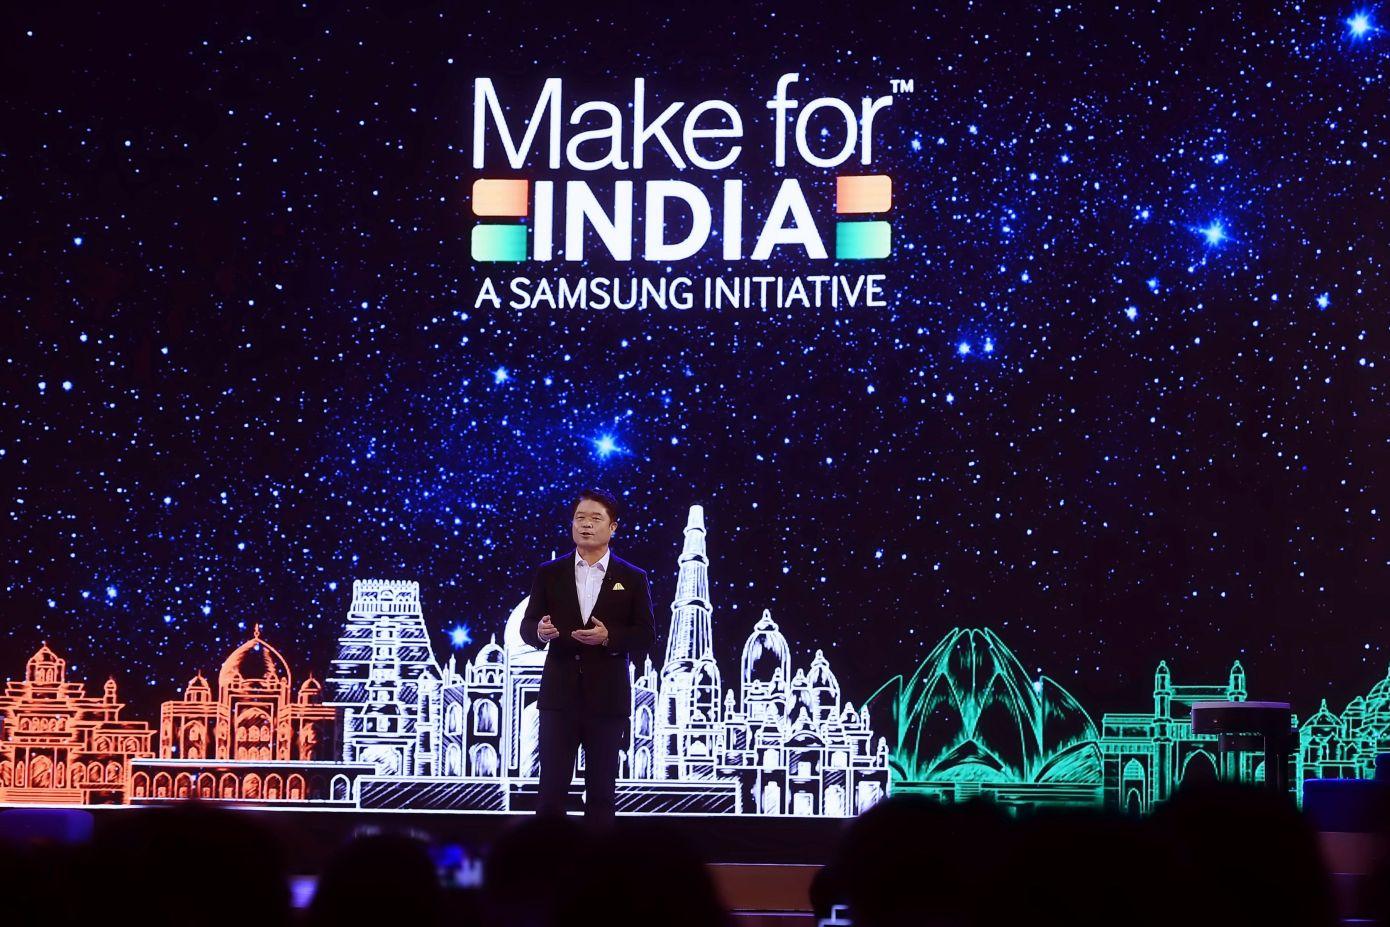 Samsung 500 milyon dolar yatırım ile tekrar Hindistan'da! - ShiftDelete.Net